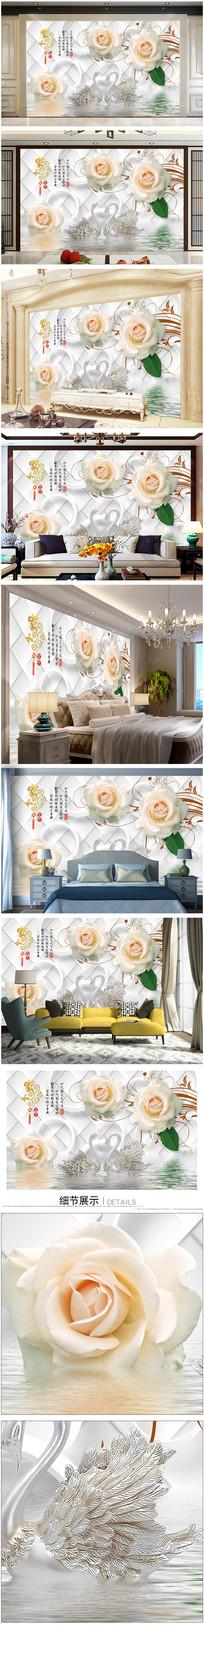 天鹅花卉立体电视背景墙